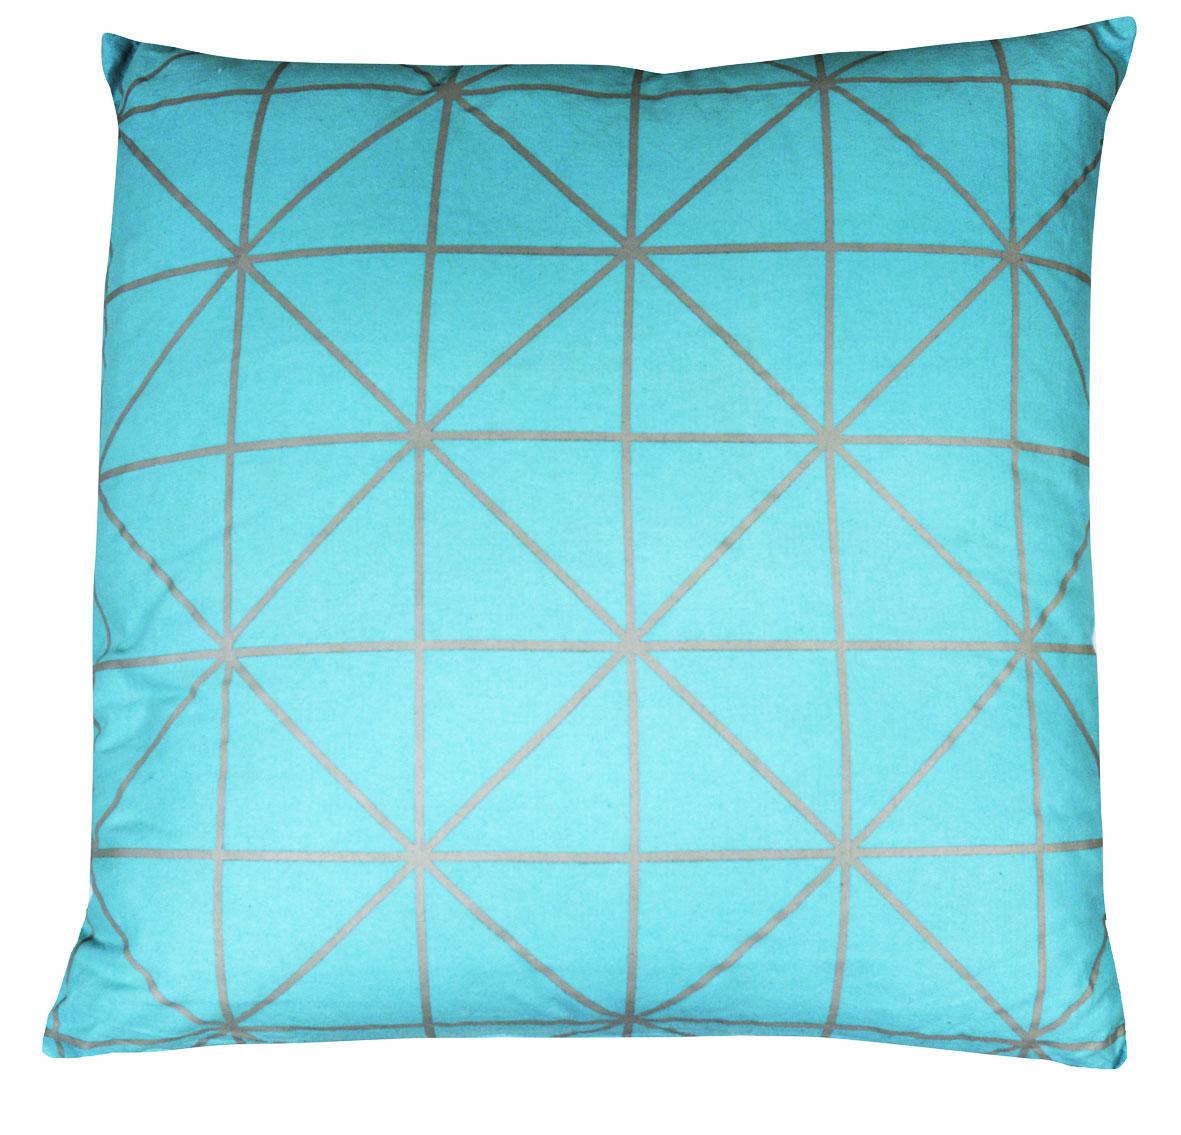 Coussin en Toile de Coton Imprimée Design - Turquoise - 060 x 060 cm. Coussin vendu à l'unitéMatière : toile de cotonCoule